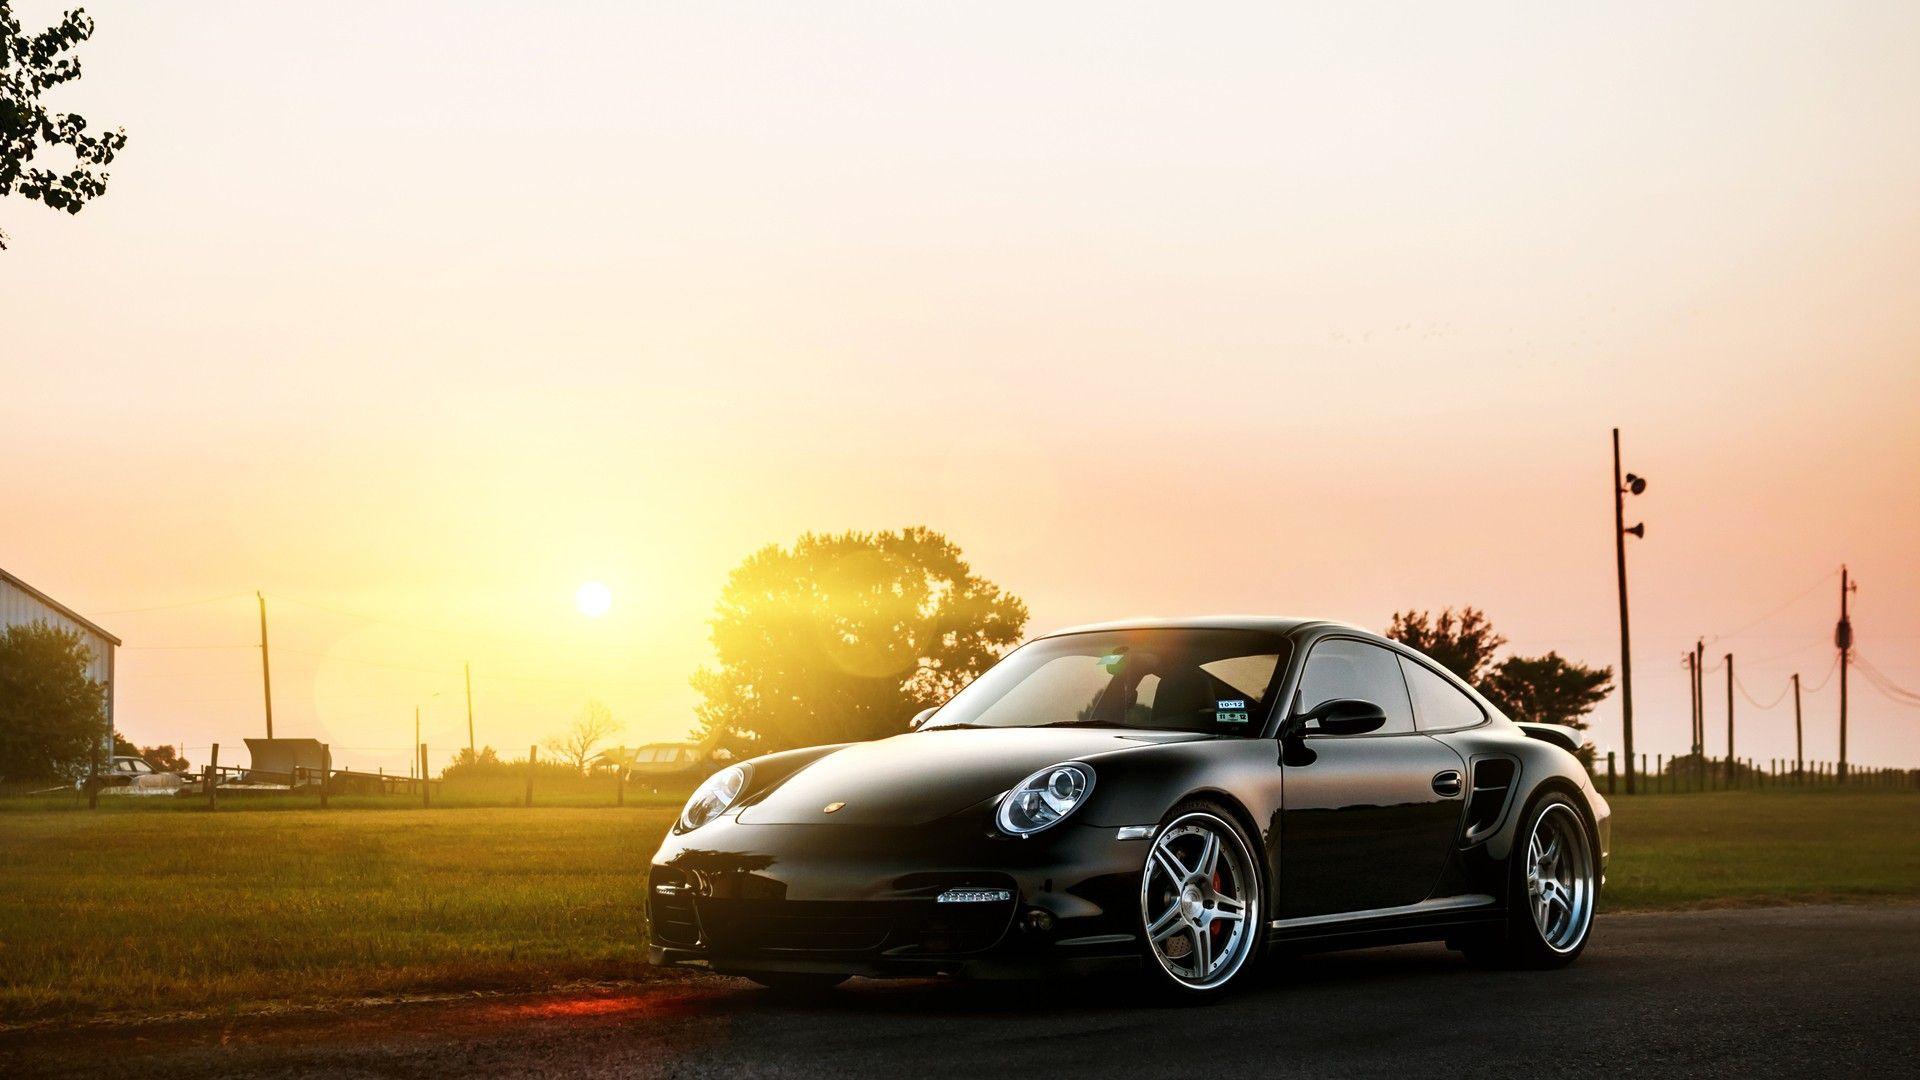 Porsche 911 Photos